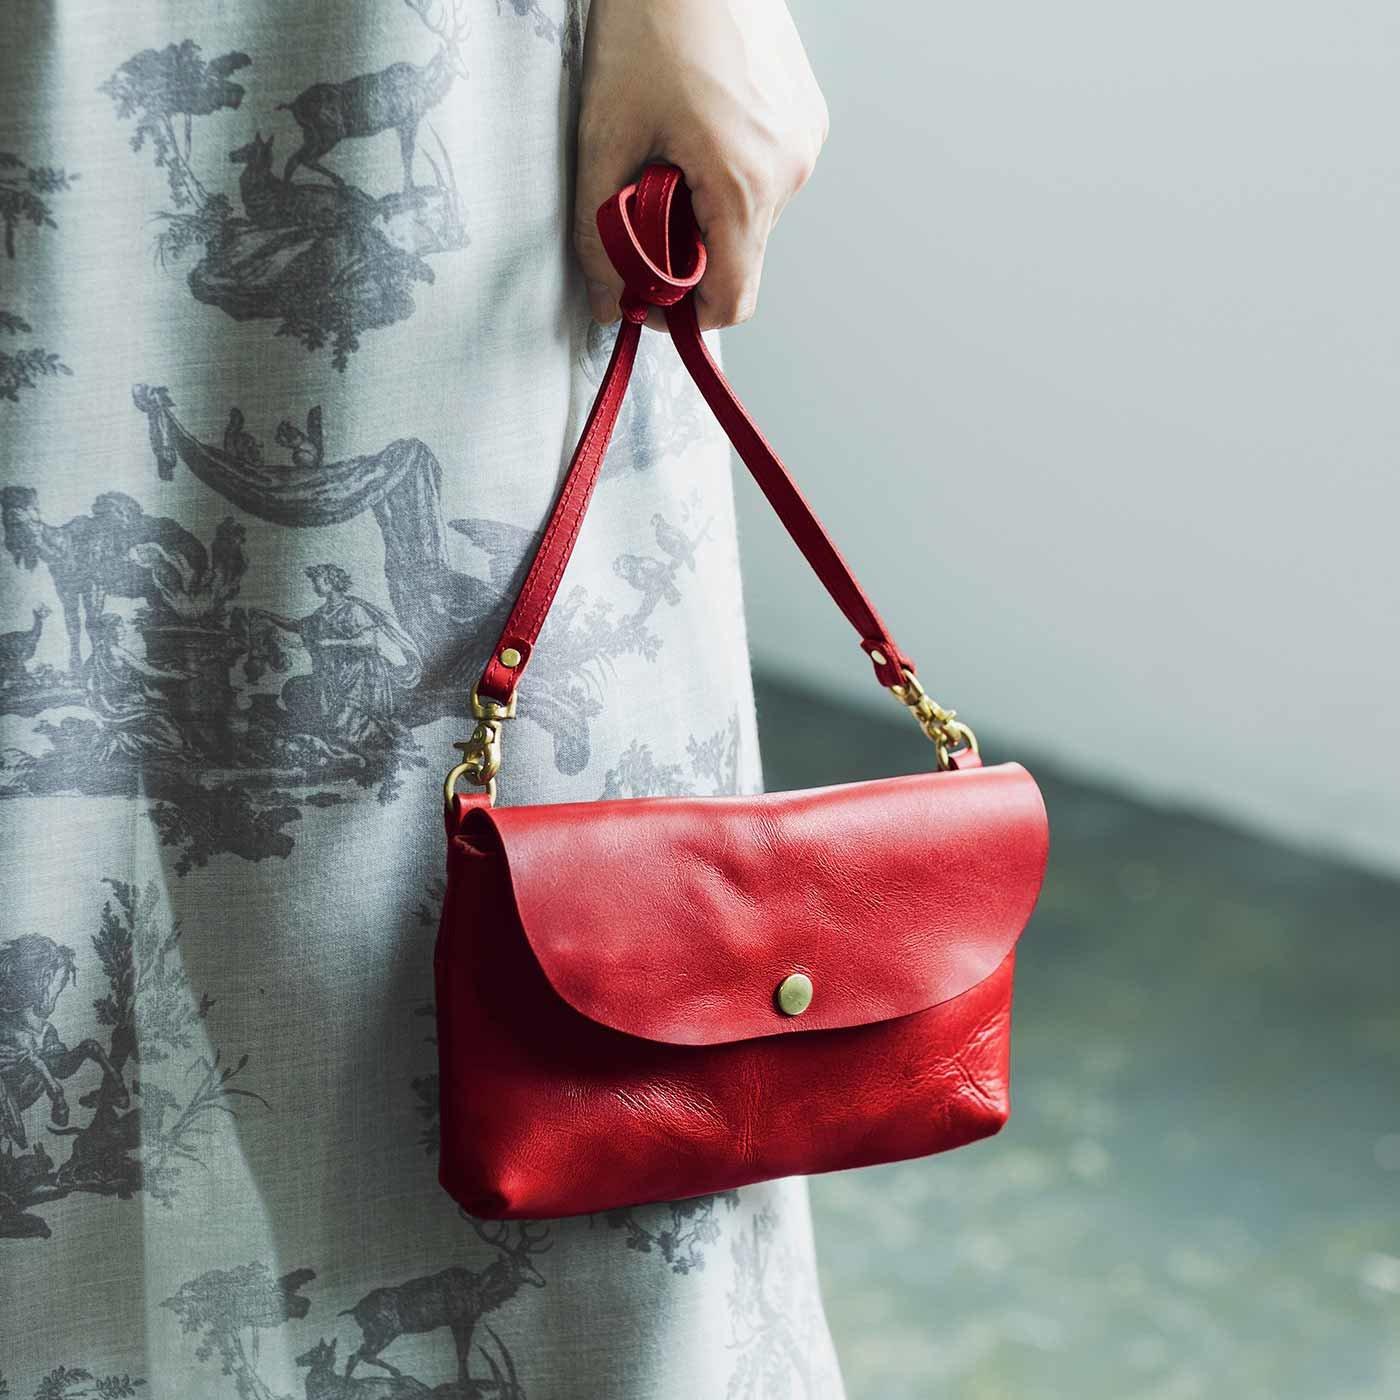 福岡の鞄作家と作った 職人本革のスキップバッグ 〈ハイビスカス色〉[本革 鞄:日本製]